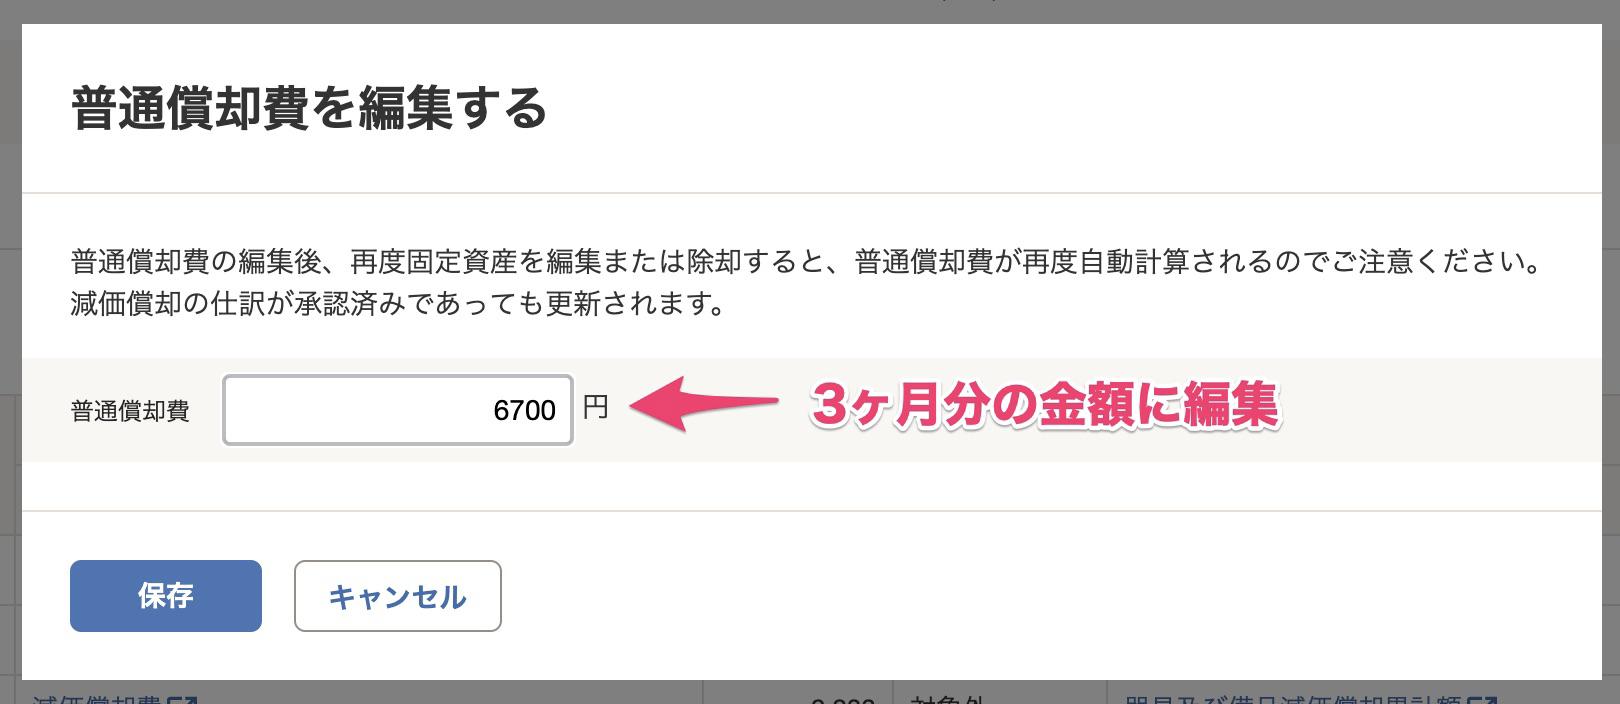 「普通償却費を編集する」画面で普通償却費に(モデルケースの場合)3か月分の金額を入力しているスクリーンショット